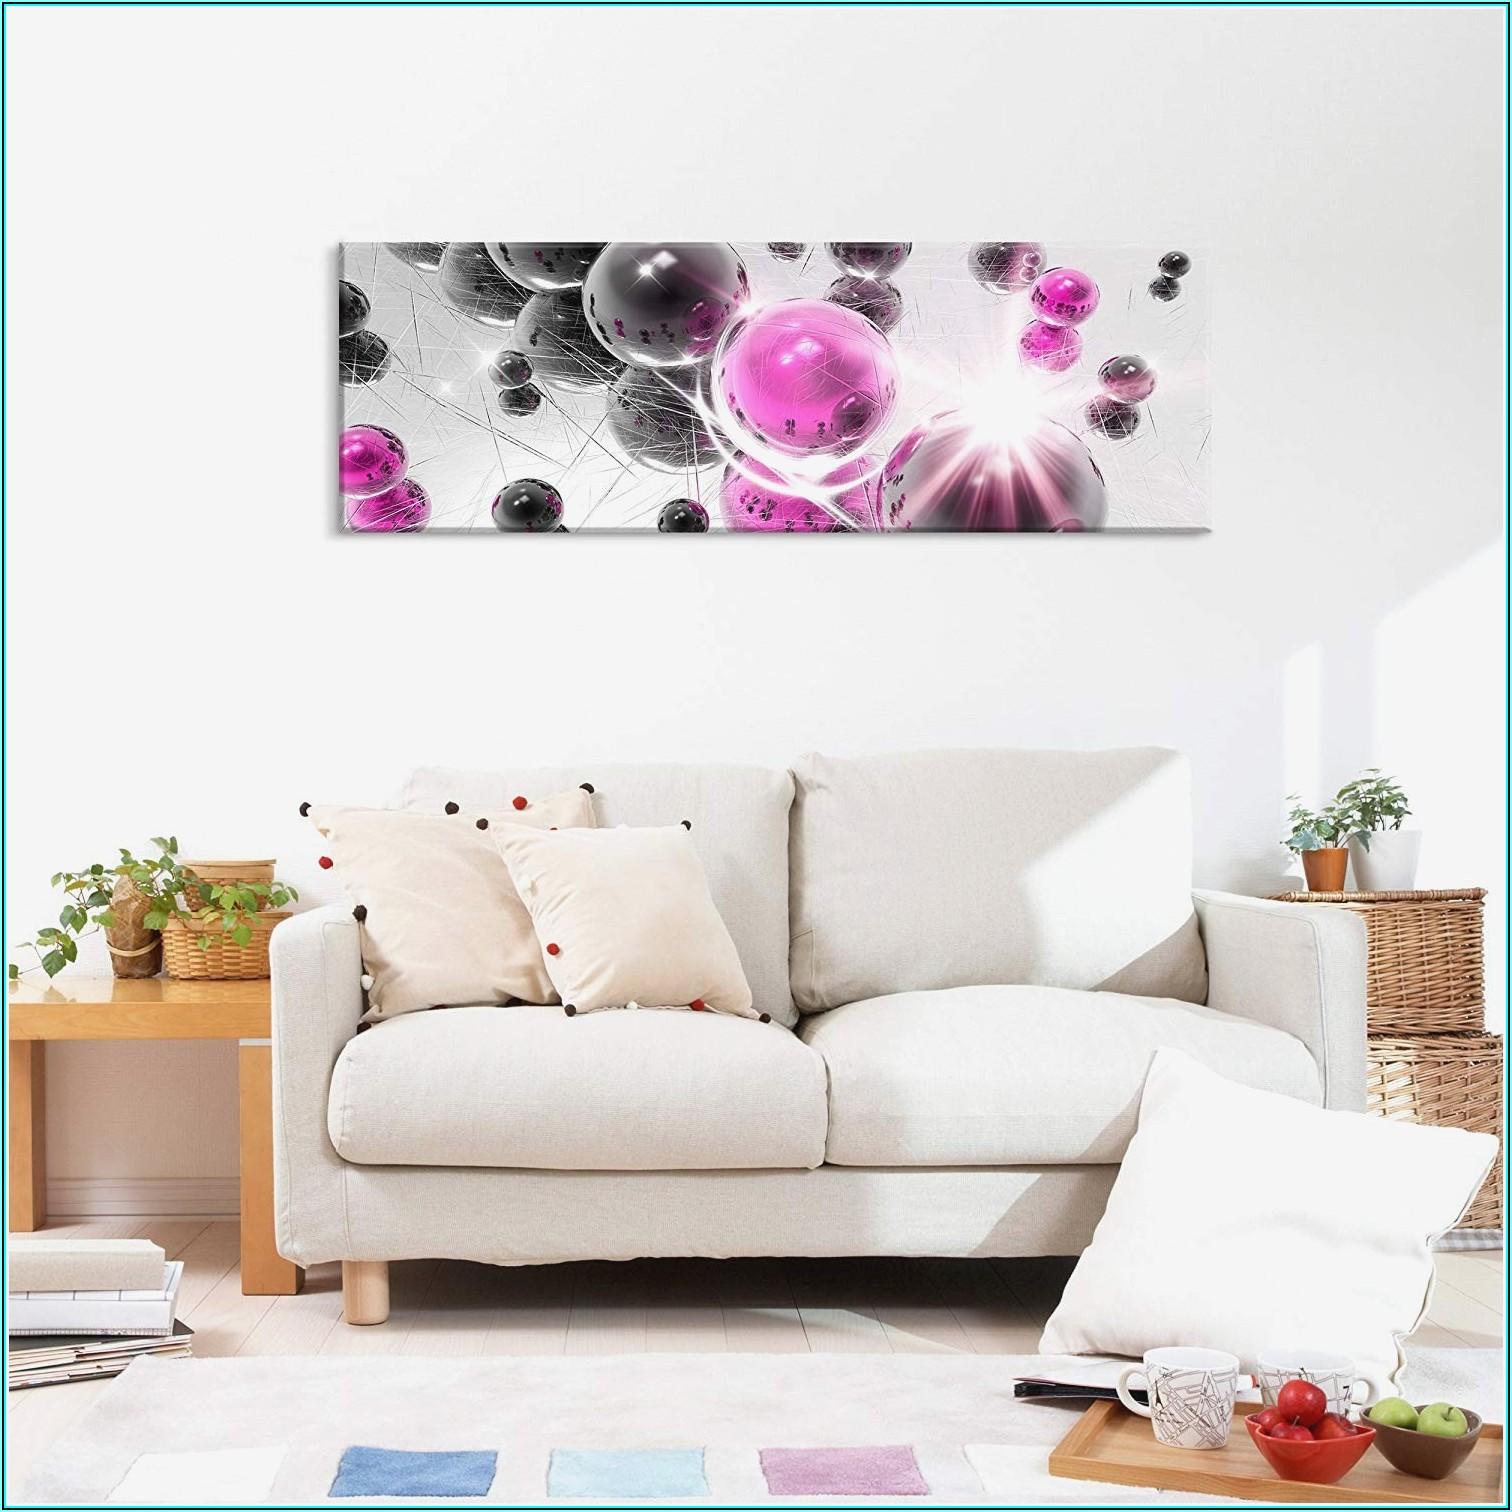 Bilder Wohnzimmer Rosa